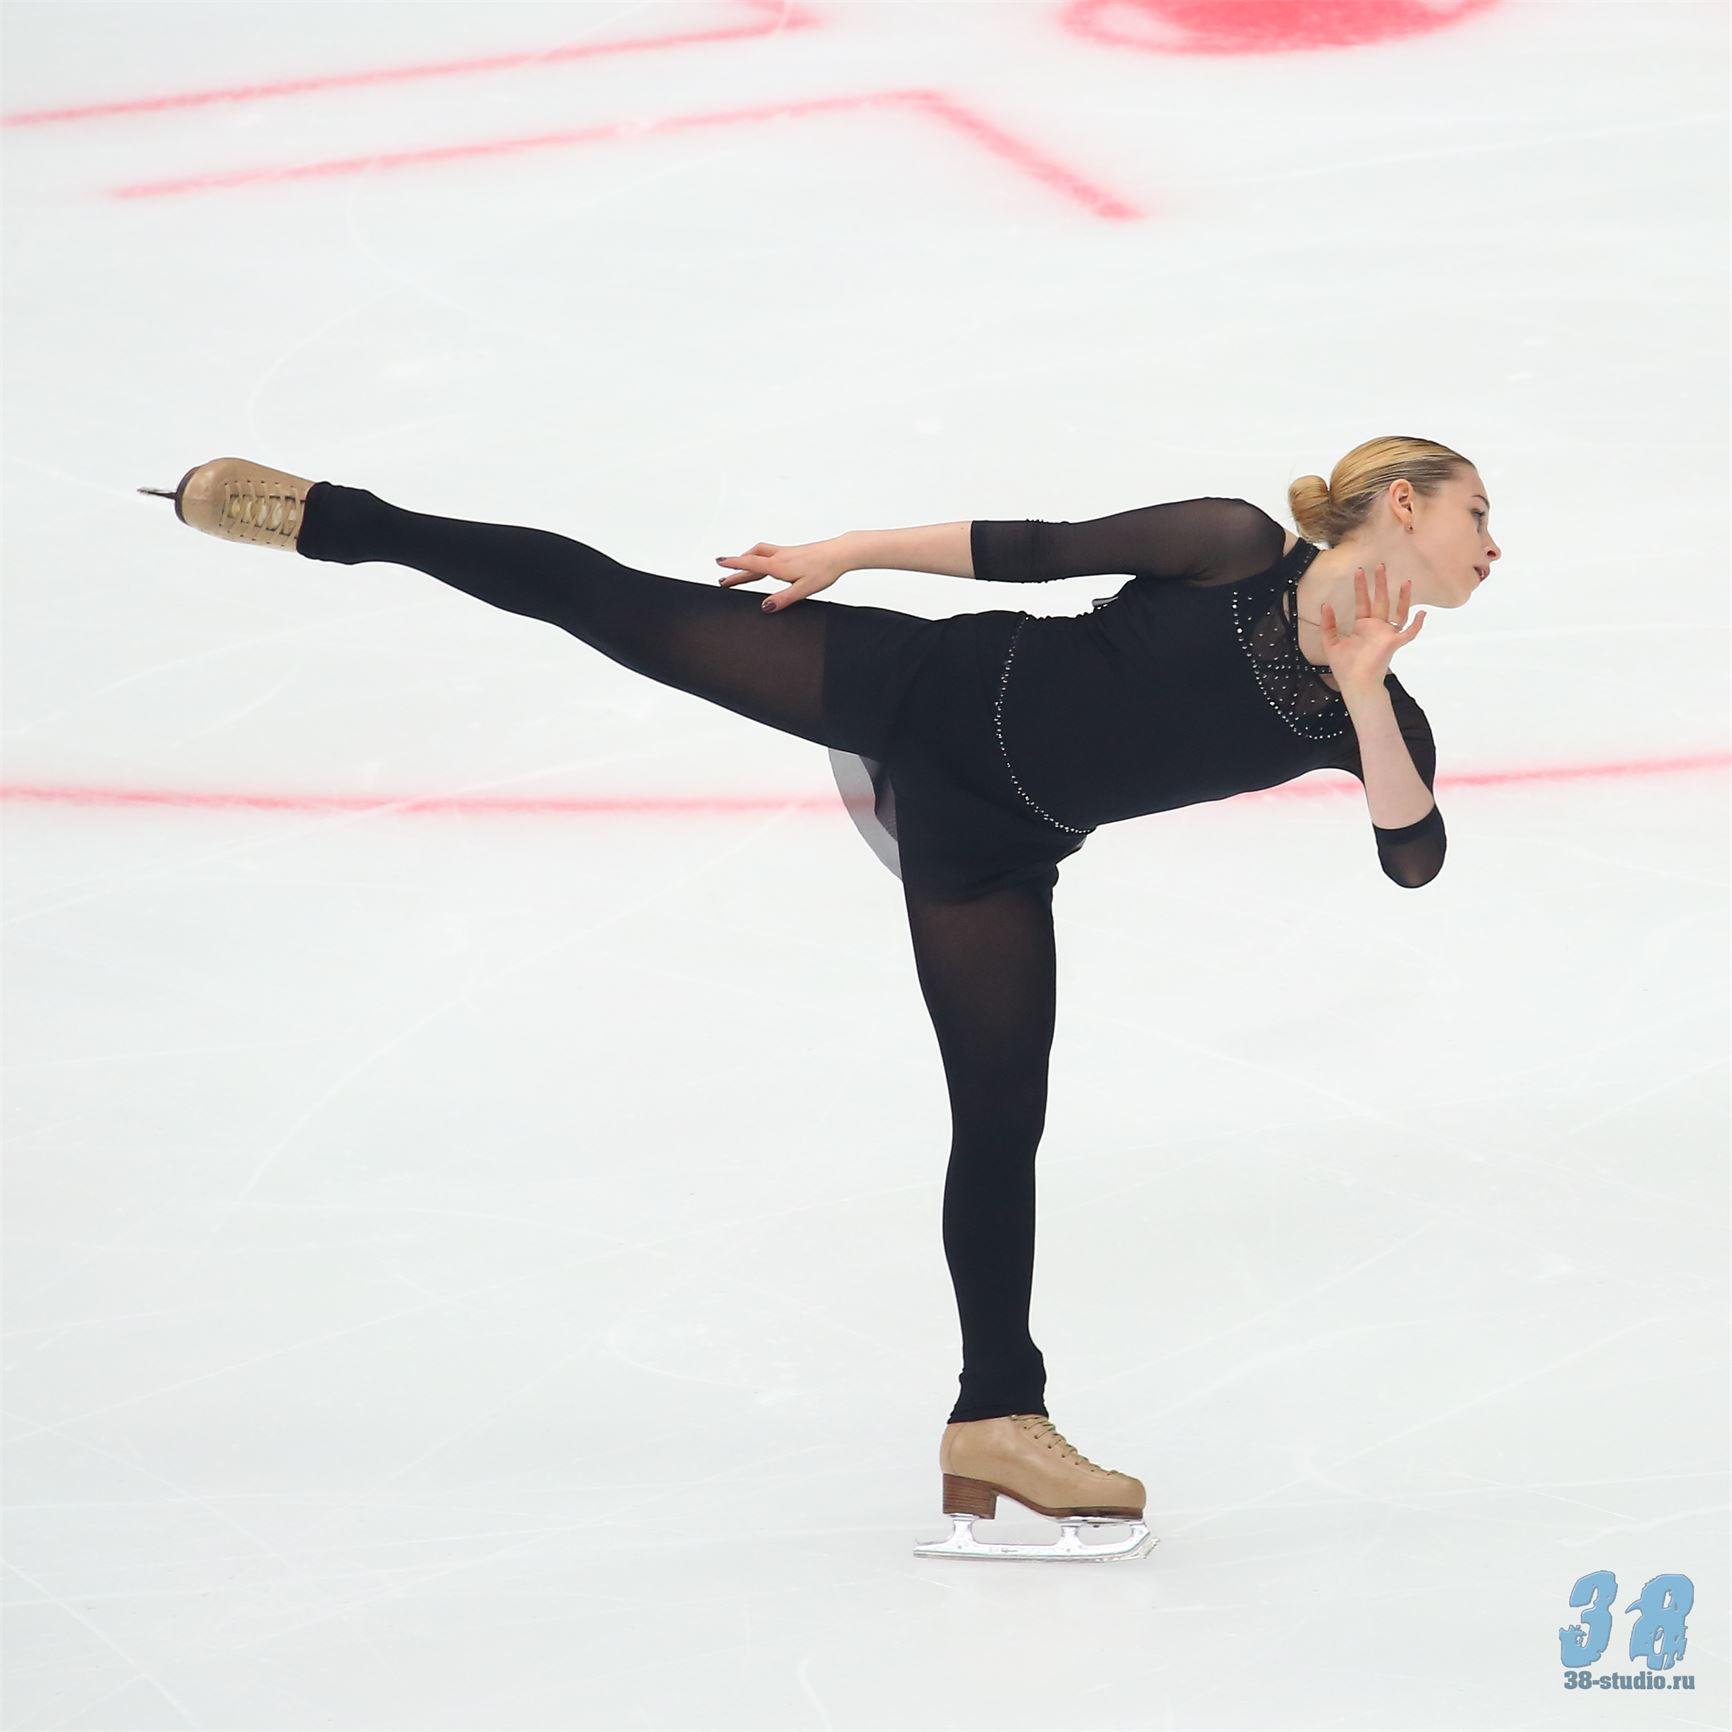 Дарья Паненкова - Страница 8 KePPeIr_Xio